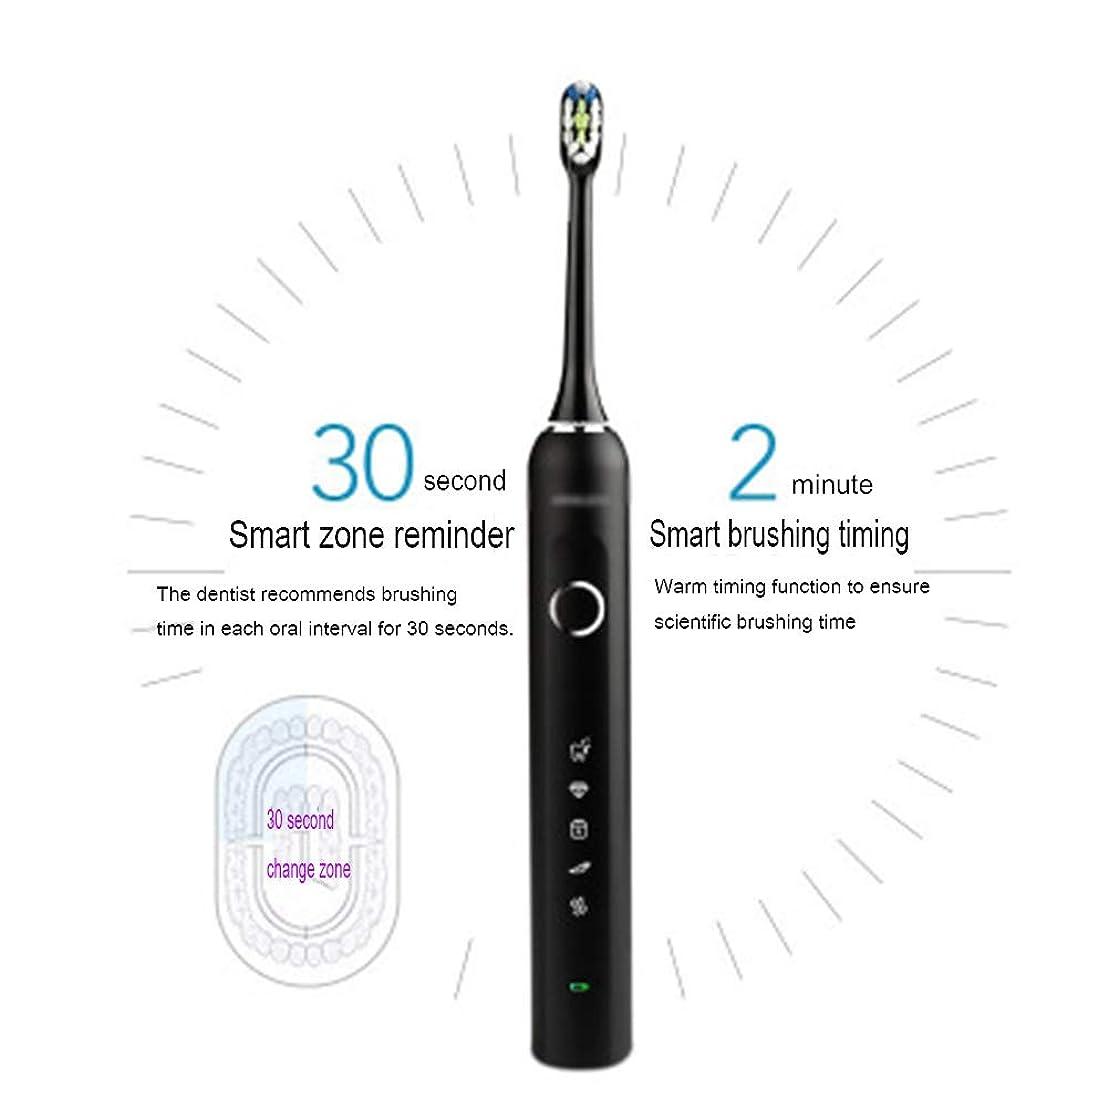 イサカ不利益どれスマートなタイマーが付いている歯科医の再充電可能な音波の歯ブラシとしてきれいな電動歯ブラシ6時間充満最低90日の使用5つの任意モード旅行歯ブラシ,B